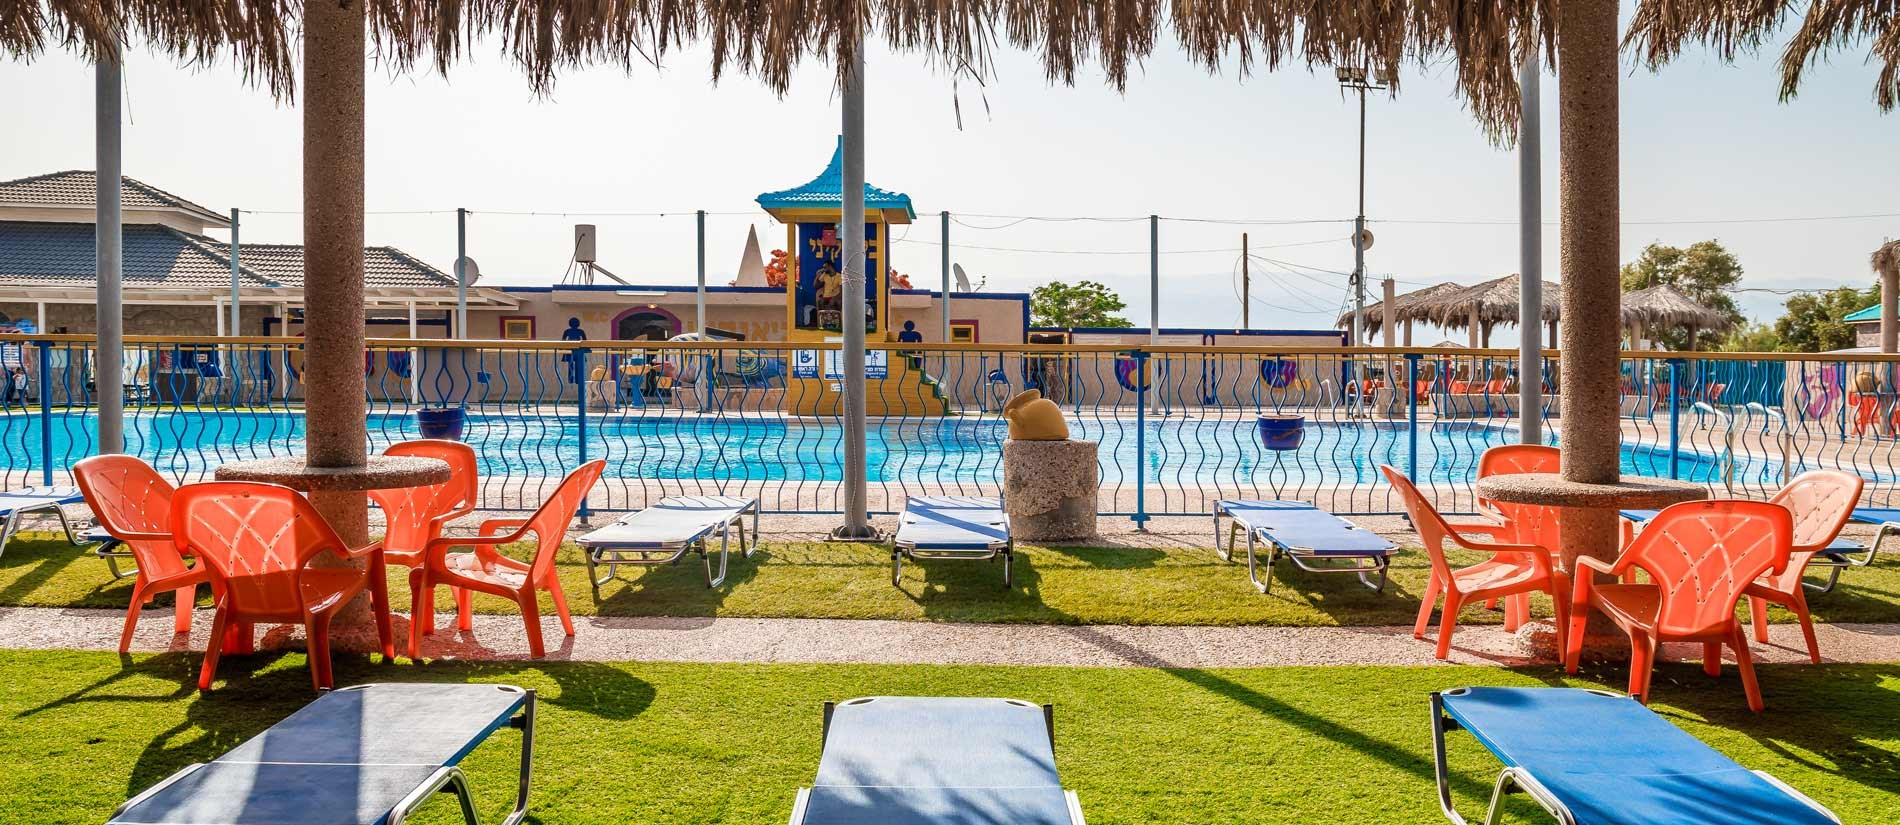 מתקנים במלון ביאנקיני